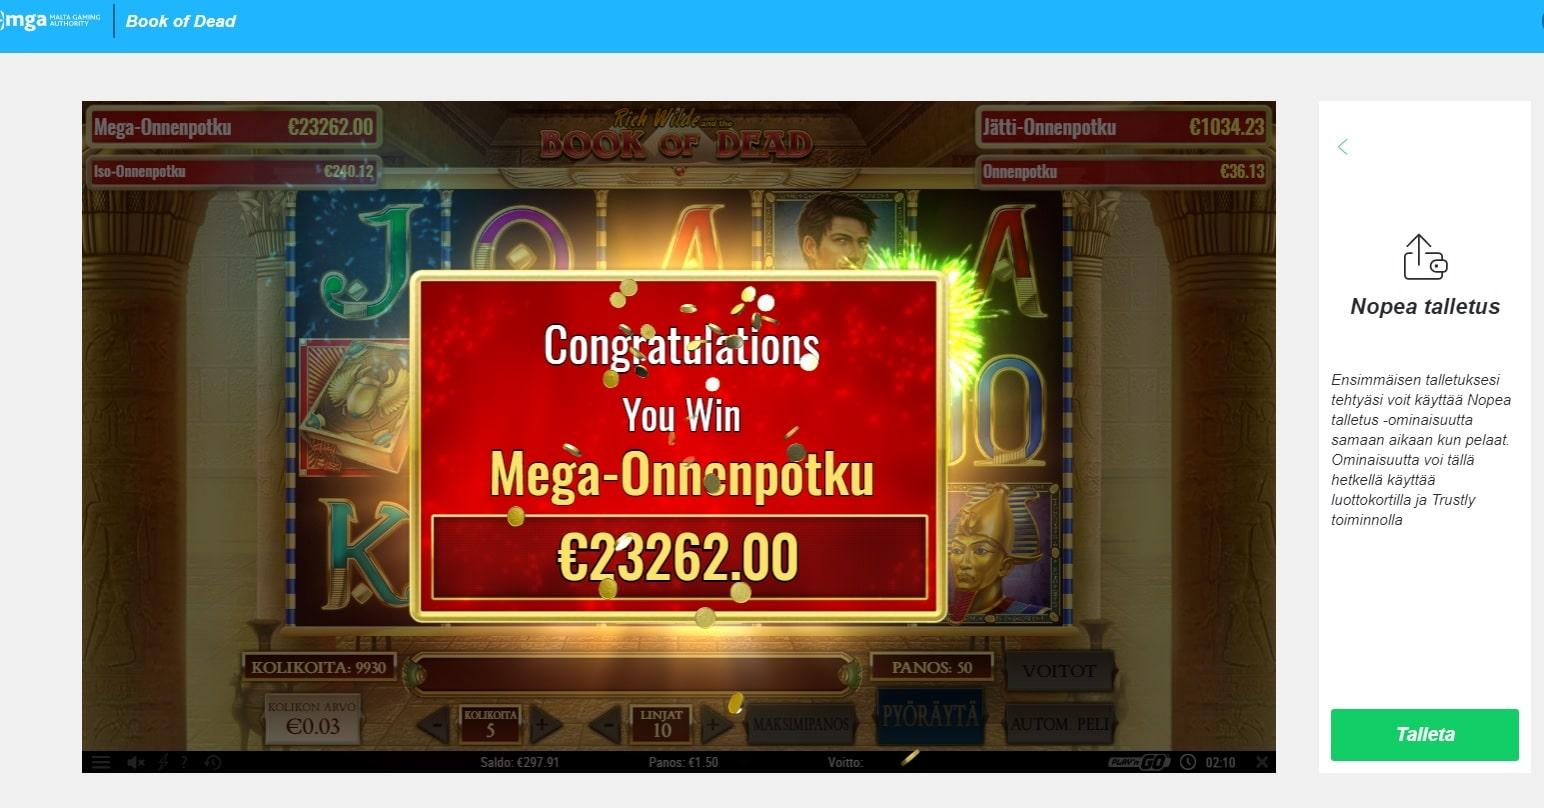 Book of dead Slot big win picture